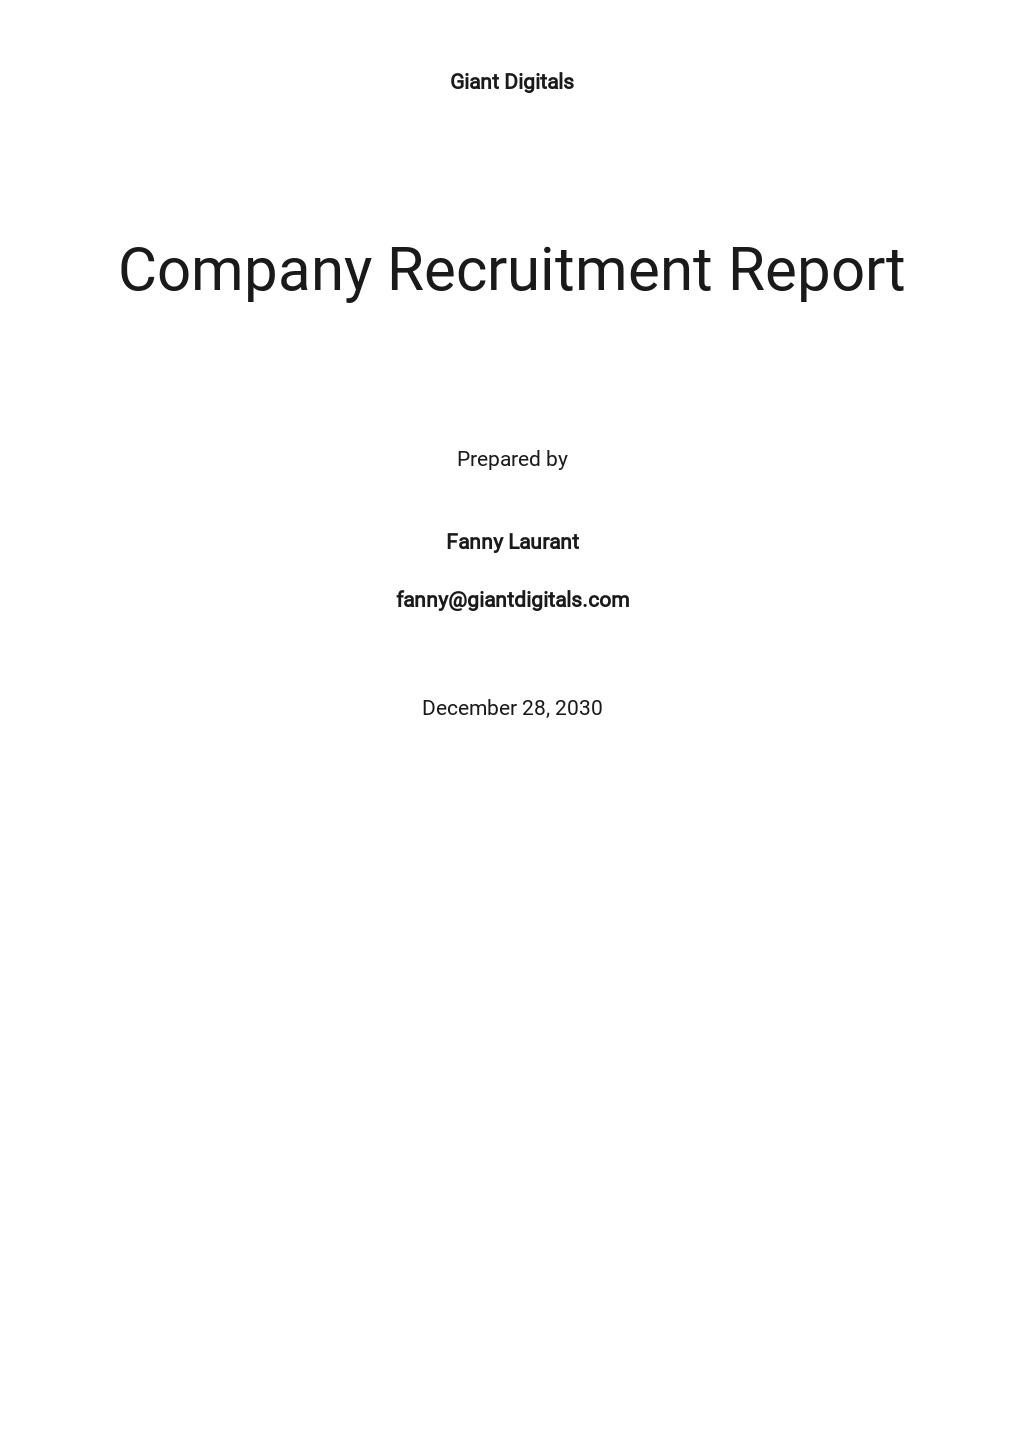 Recruitment Report Template.jpe